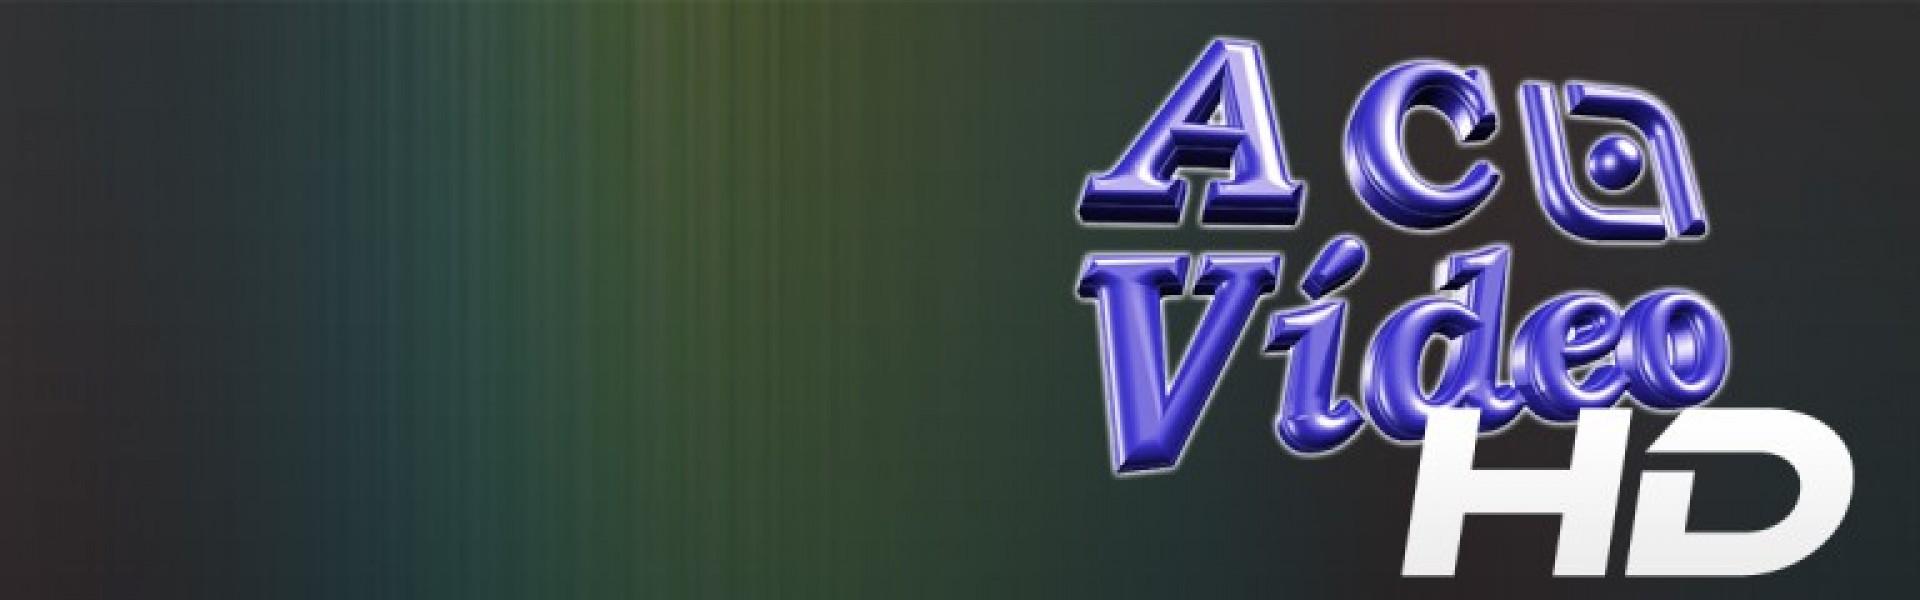 AC Video